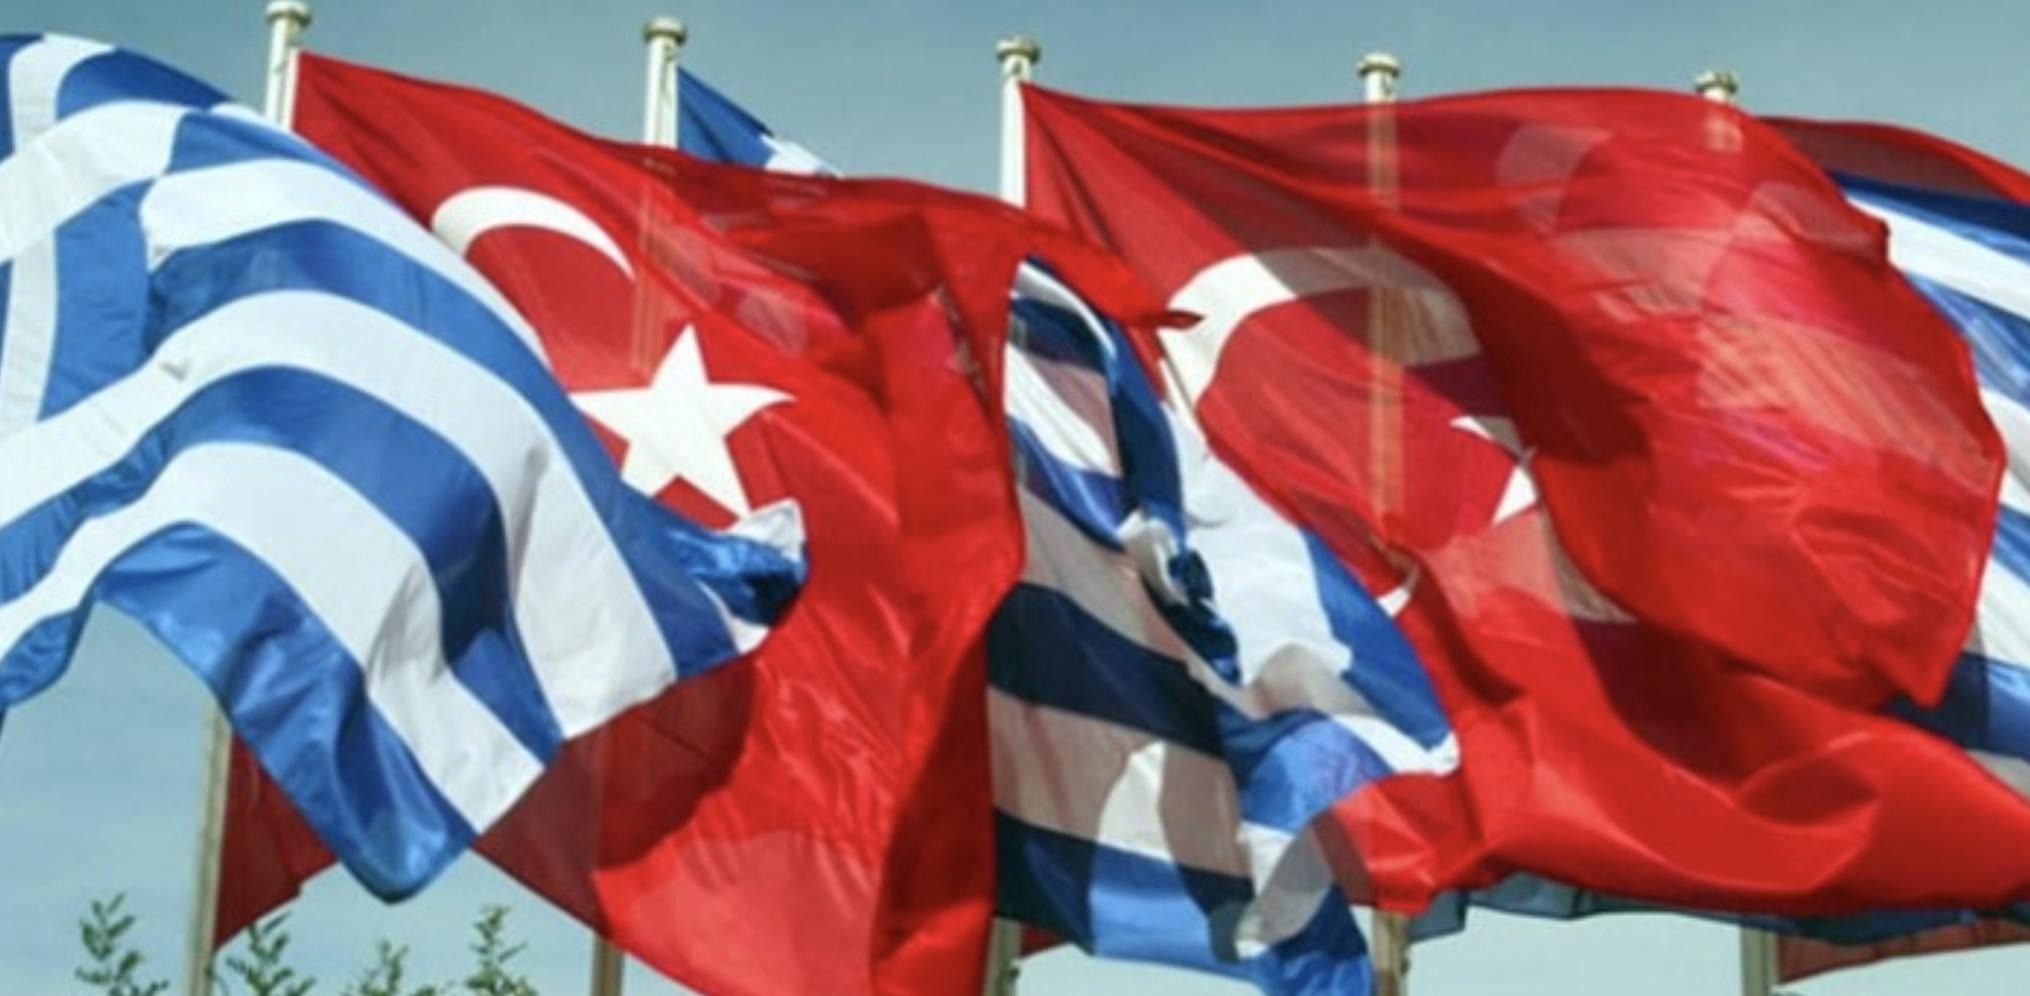 Istraživanje:Kako Grci i Turci vide svoje komšije